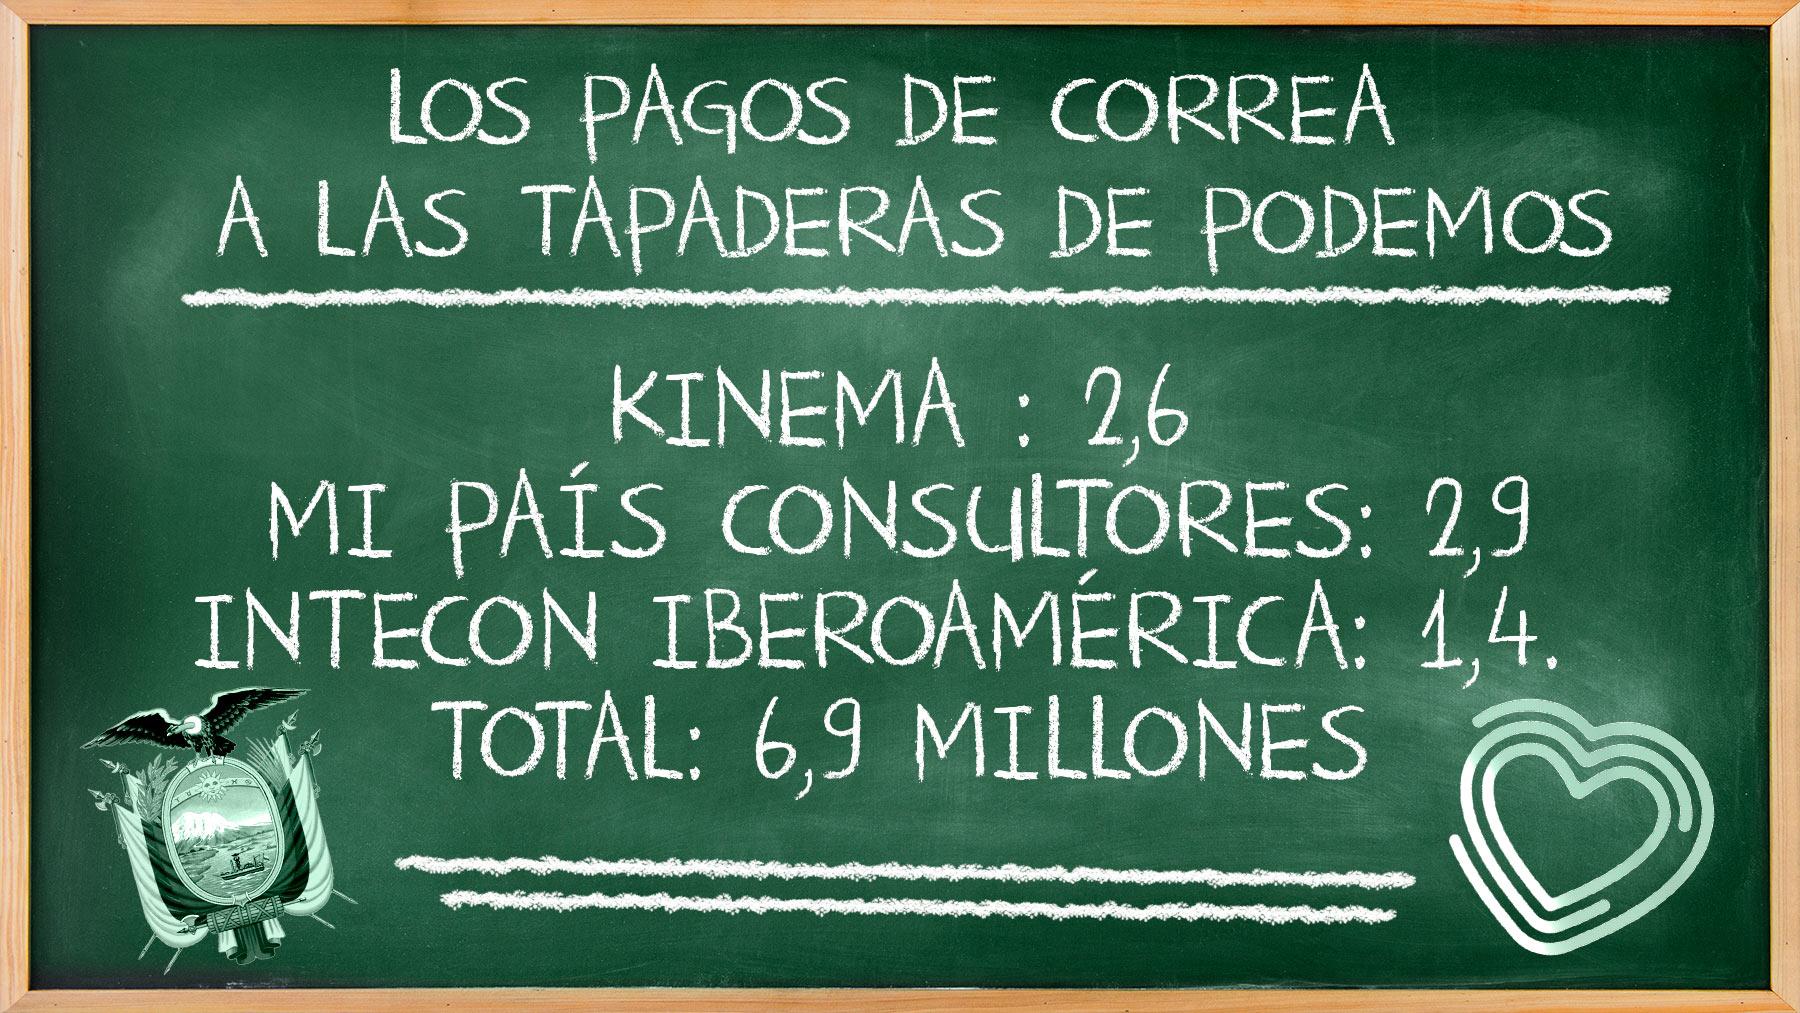 Los pagos que el Gobierno de Rafael Correa hizo a las consultoras de Podemos.